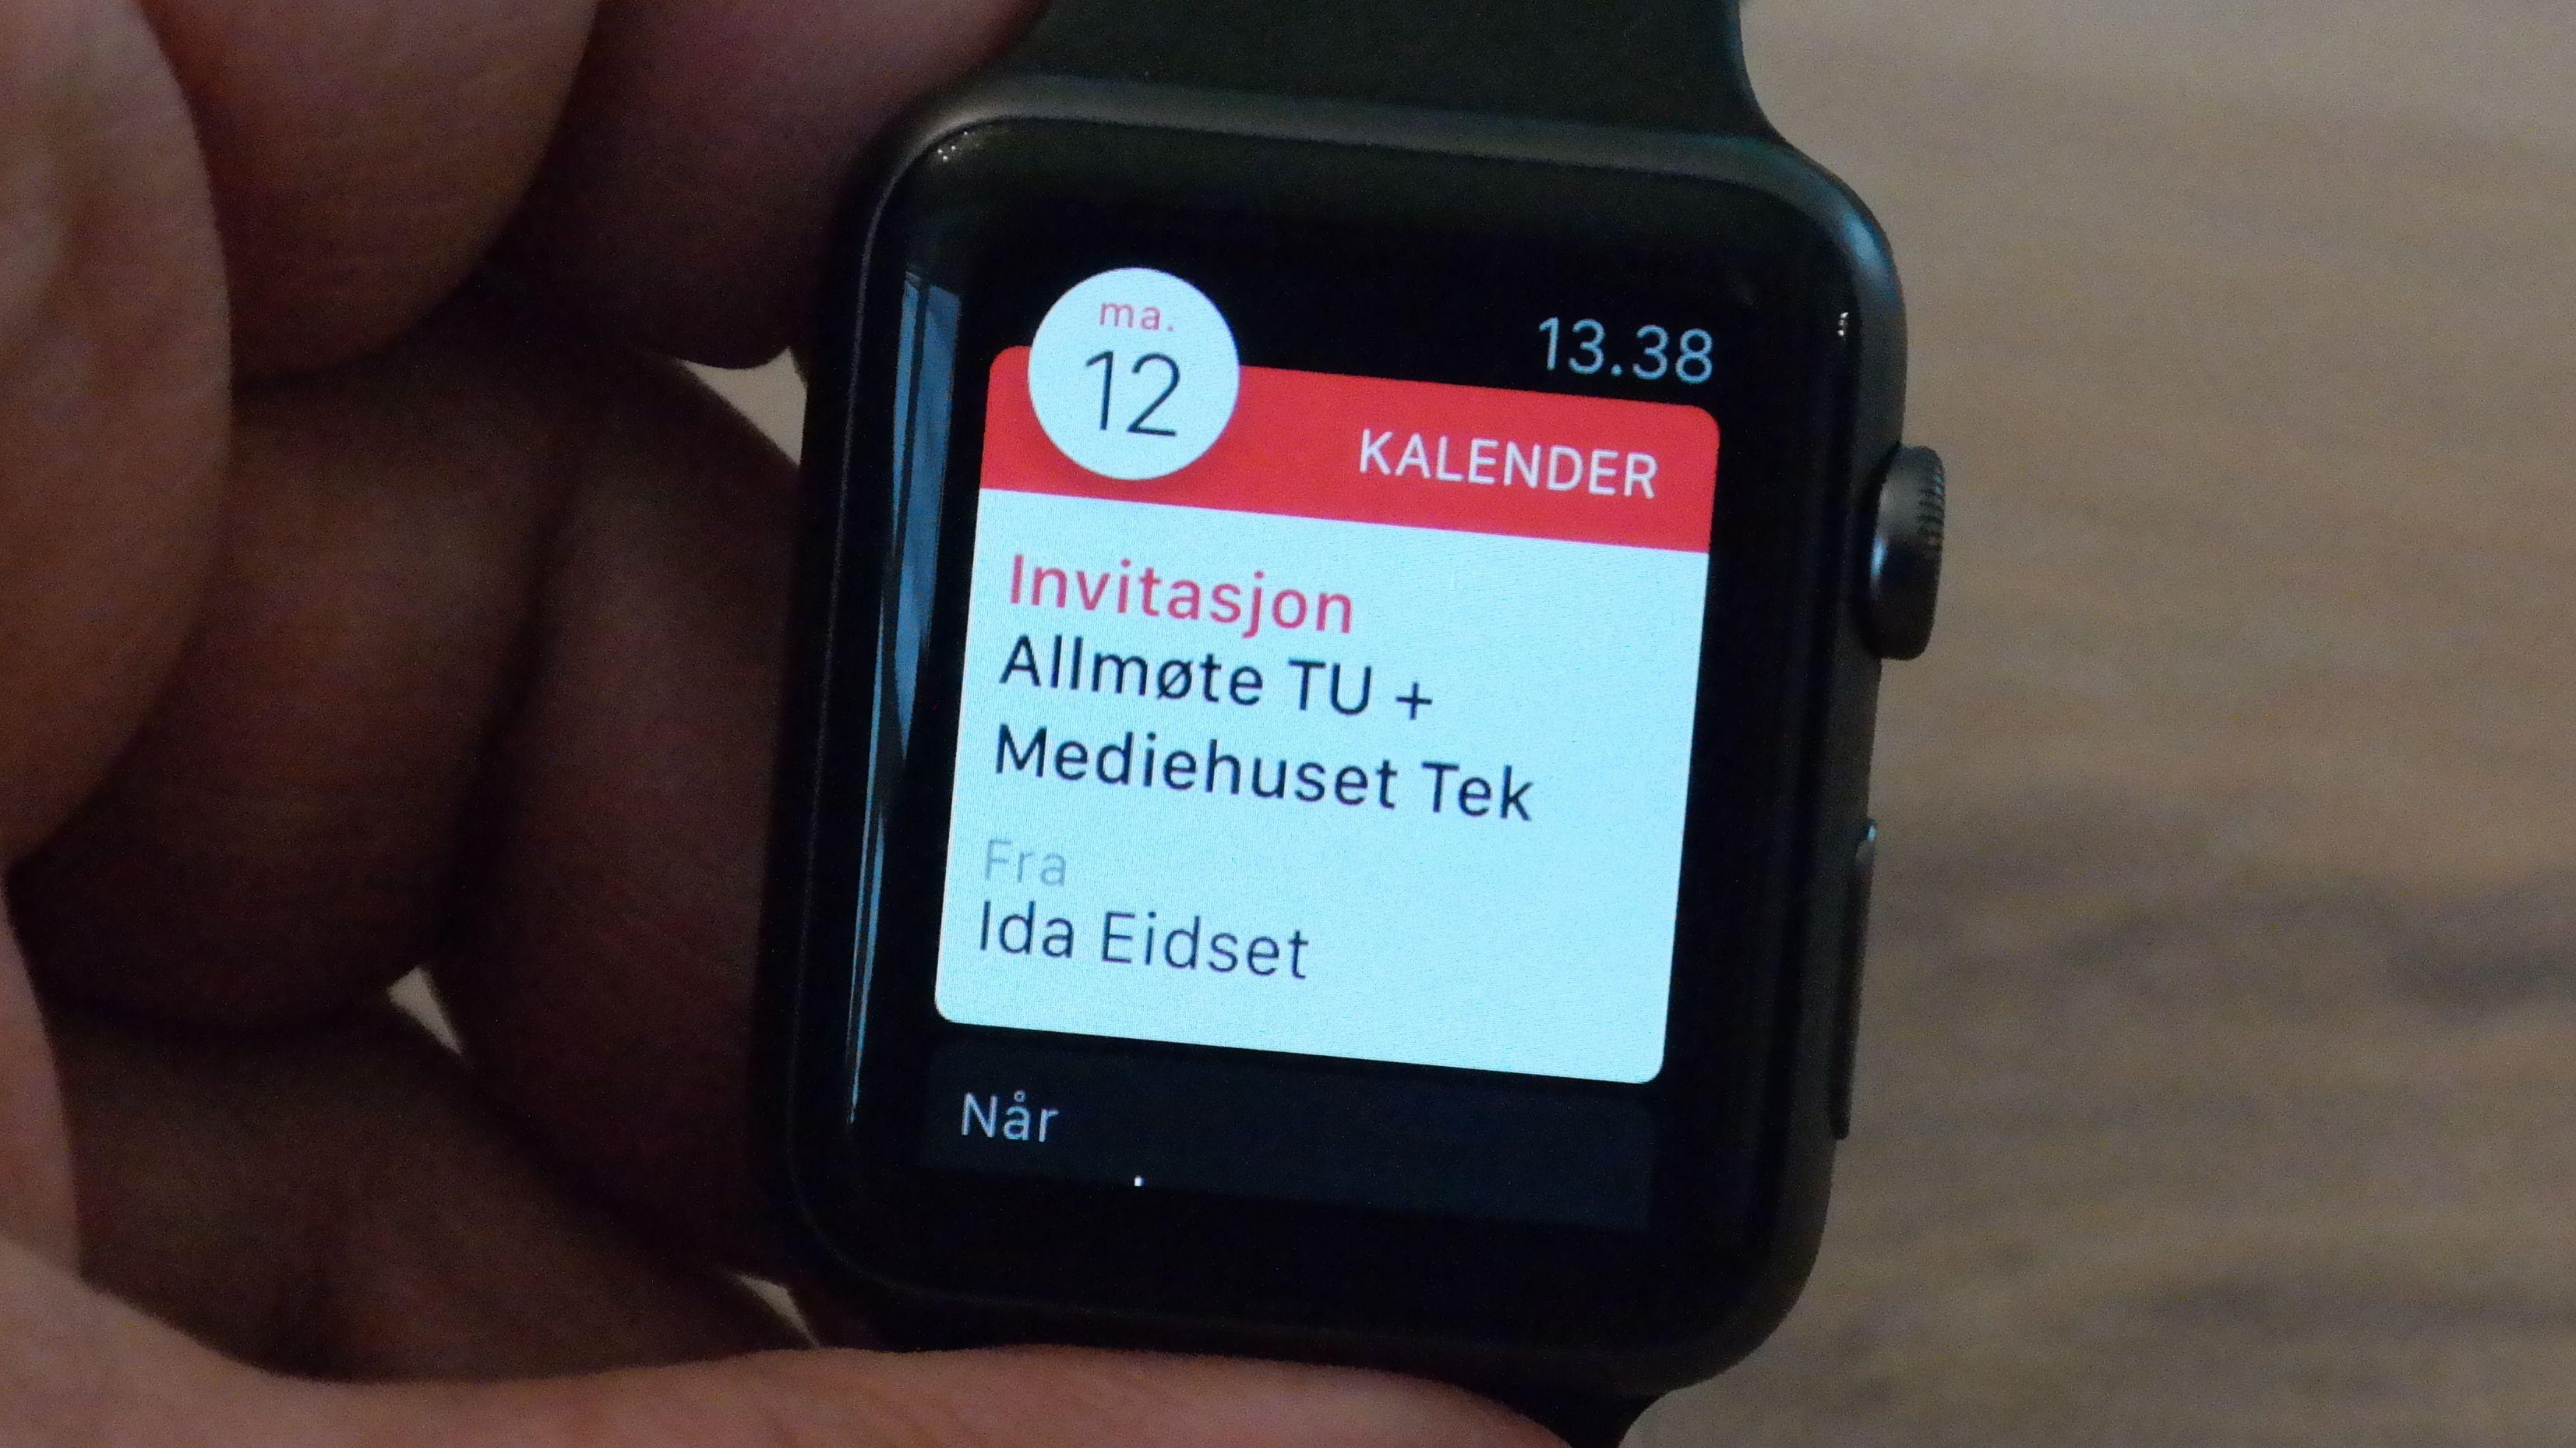 Tag Heuers smartklokke blir cirka dobbelt så dyr som Apple Watch, her avbildet. Foto: Espen Irwing Swang, Tek.no